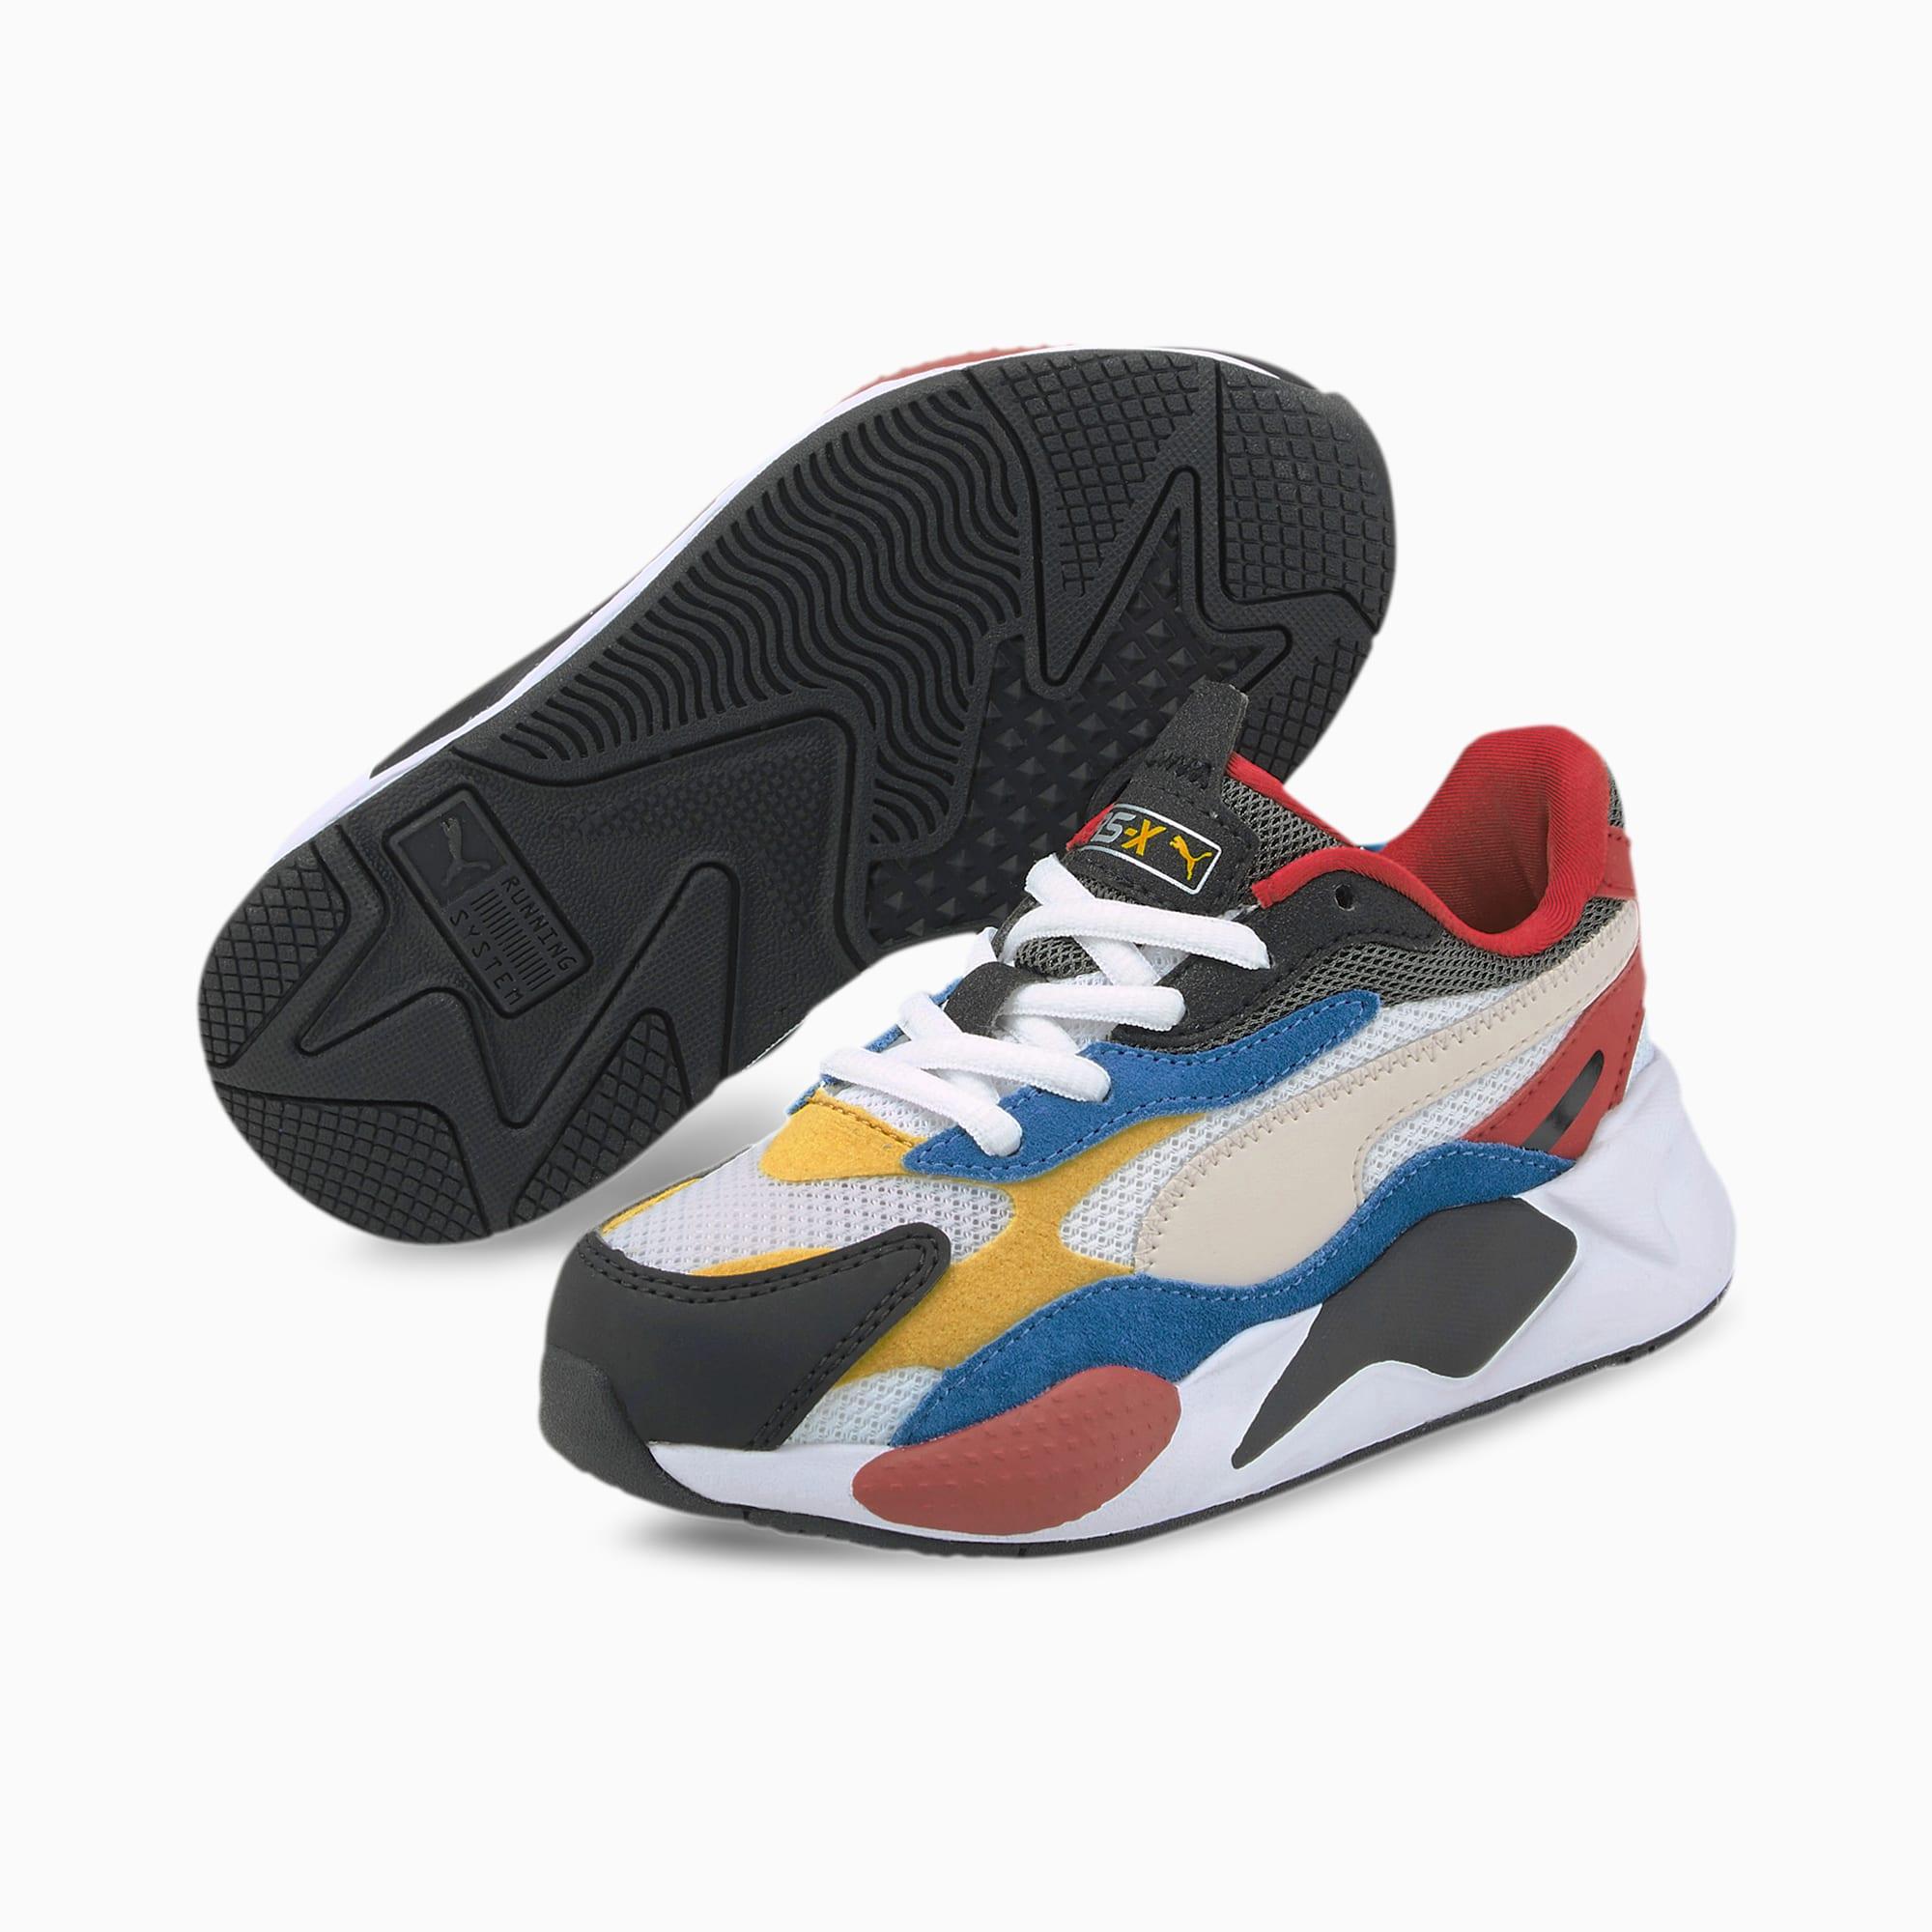 Buty sportowe RS X Puzzle dla dzieci